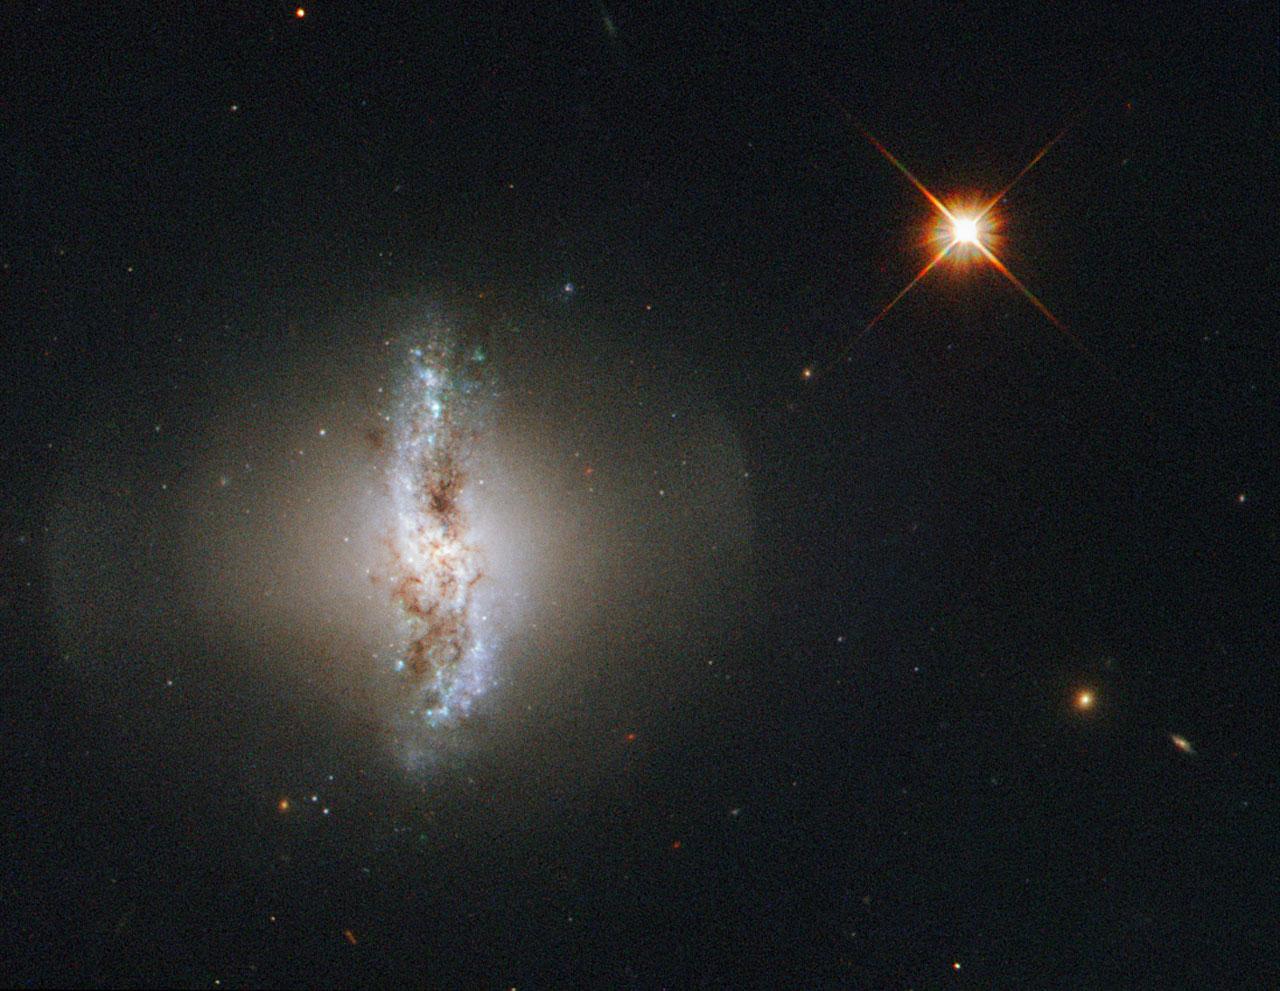 Хаббл показал Arp 230 – галактику с полярным кольцом